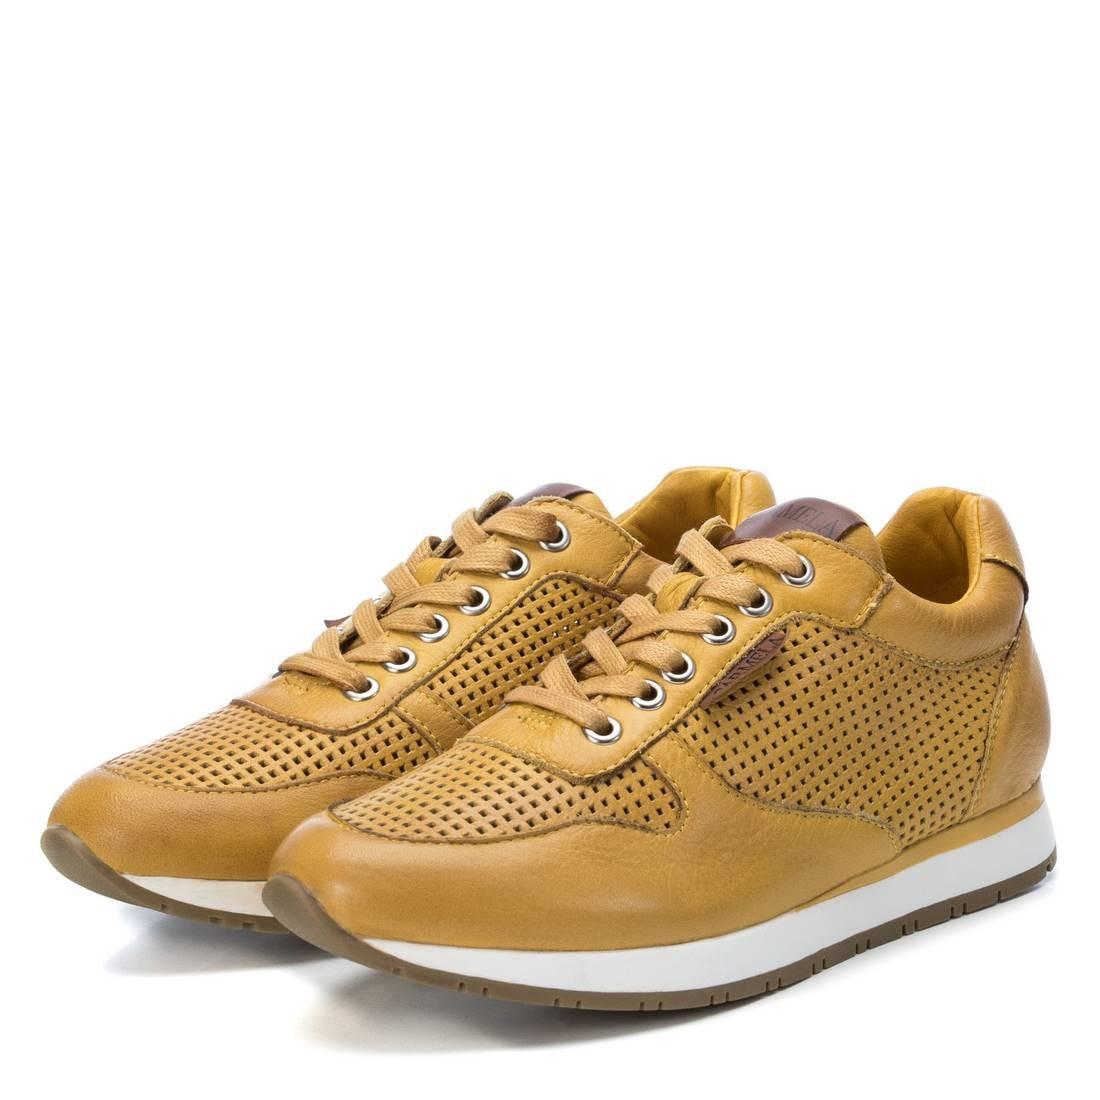 CARMELA Zapato CAR067004 para Mujer